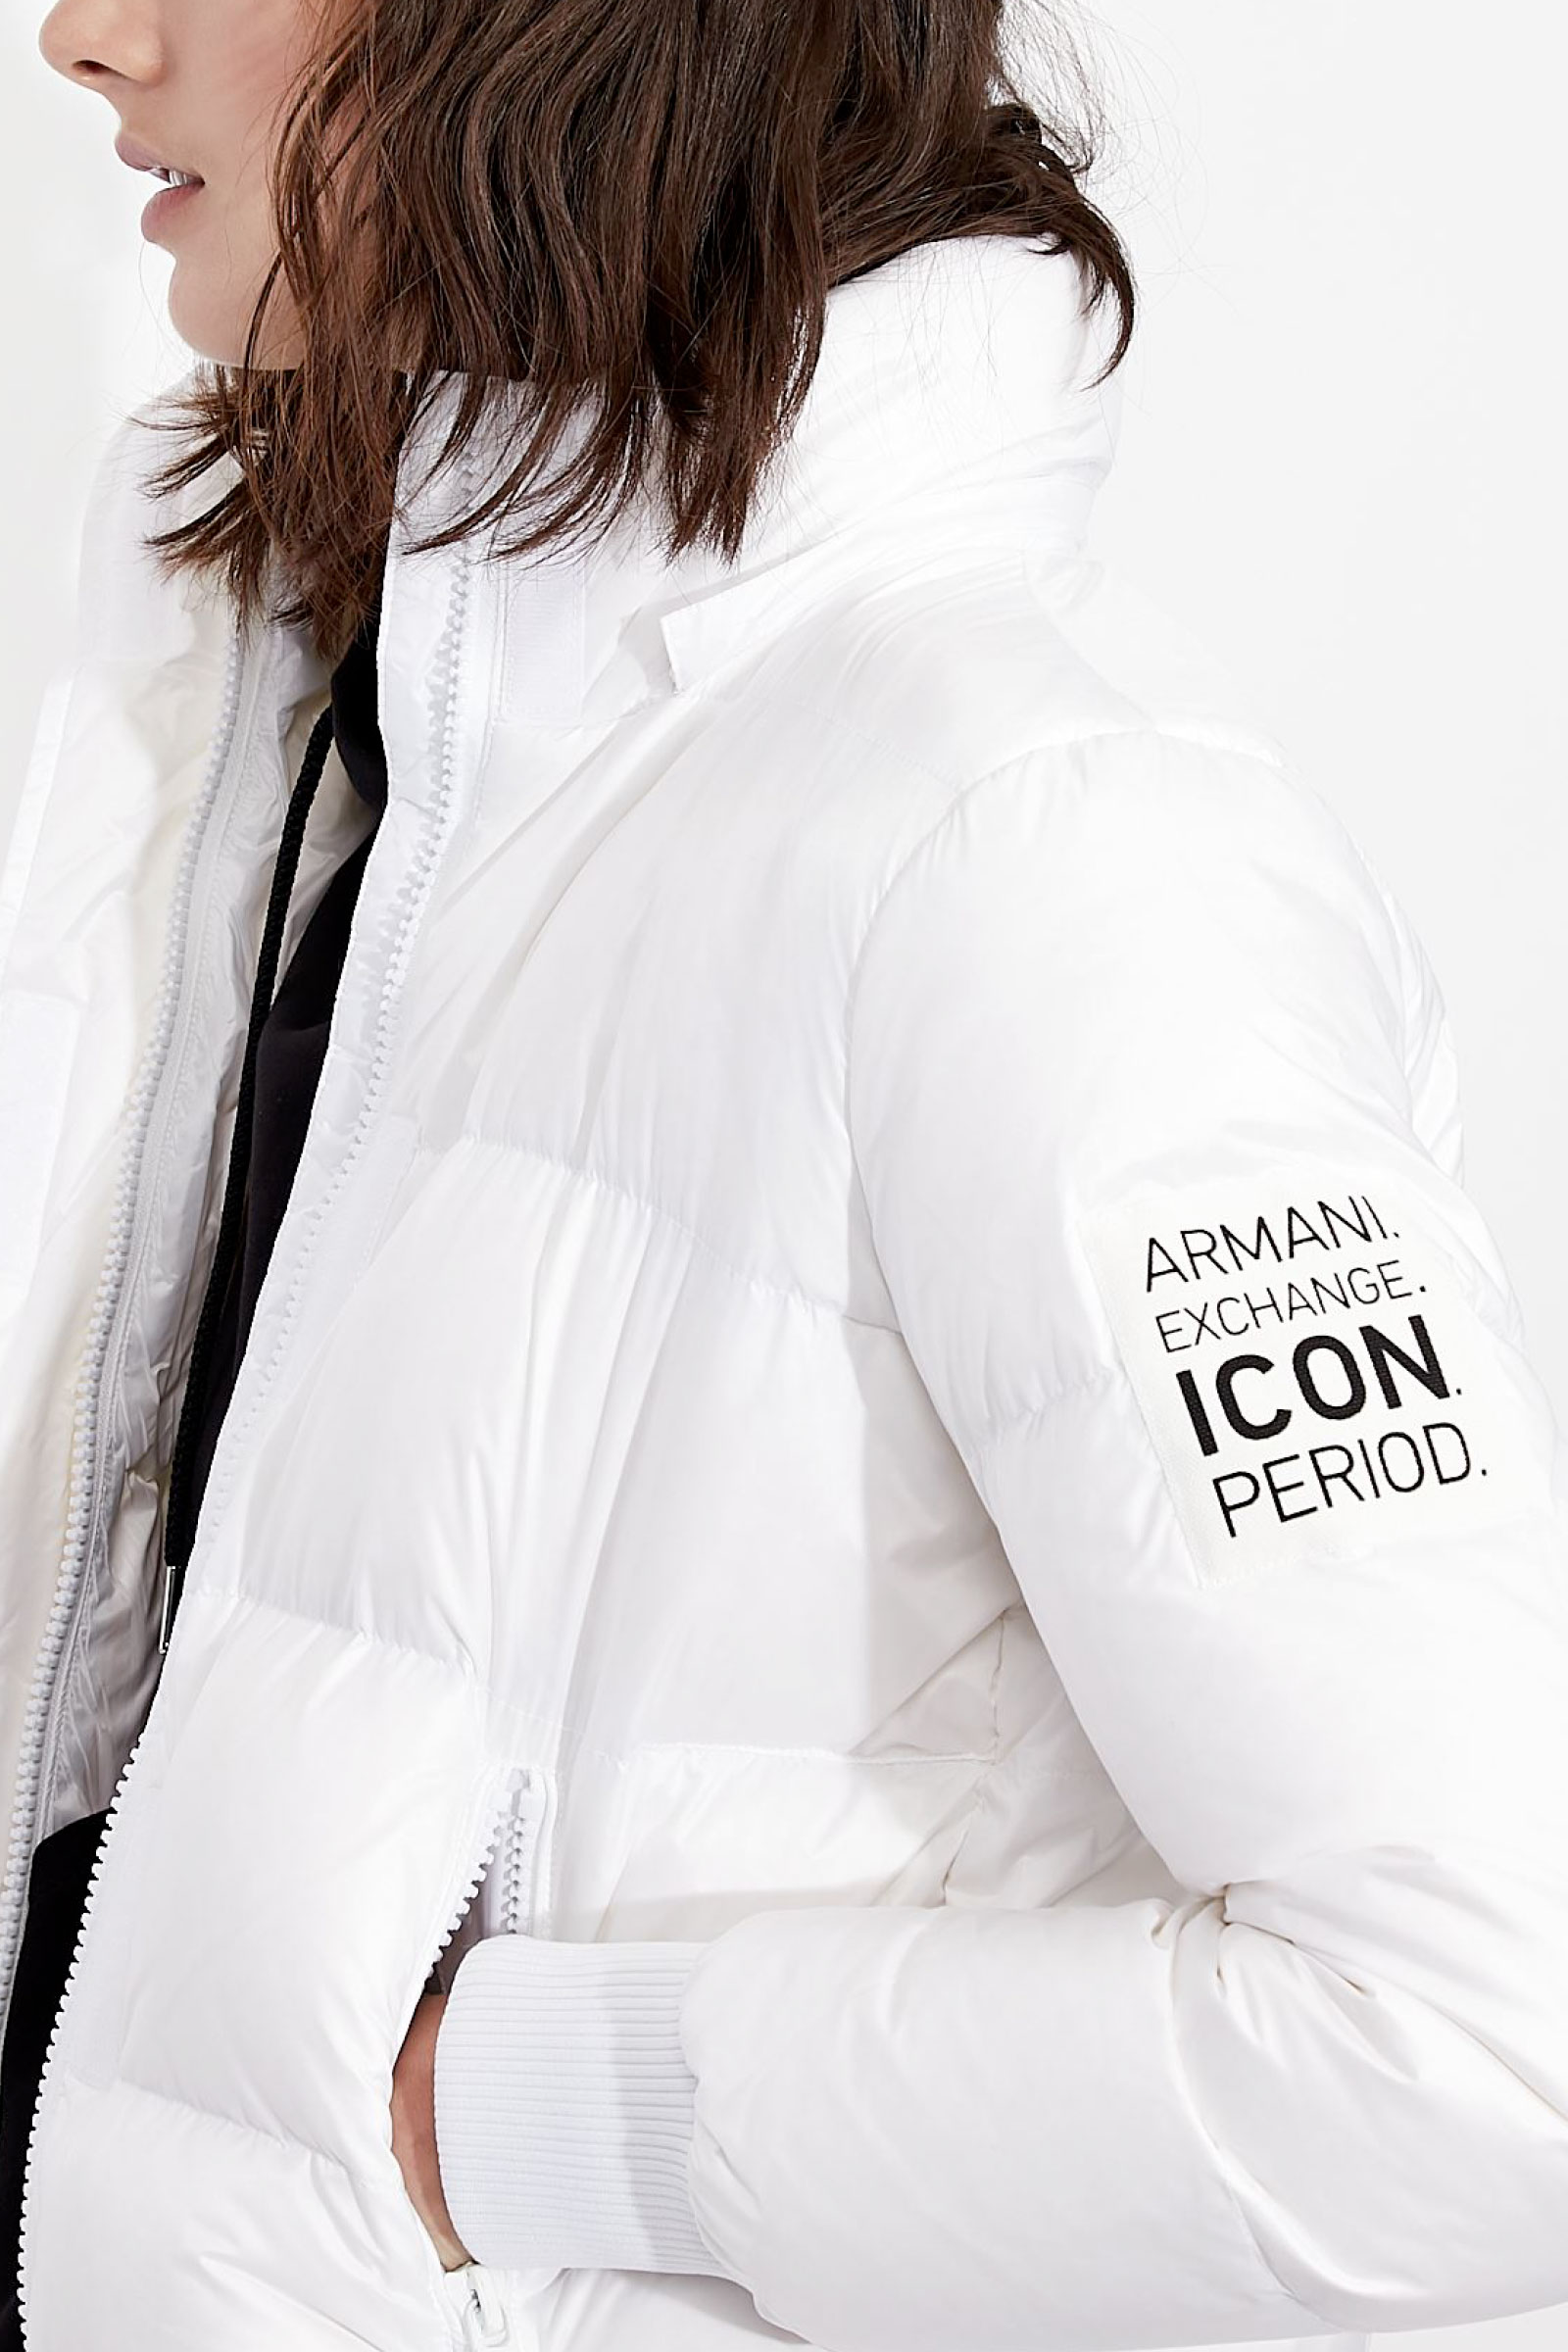 ARMANI EXCHANGE | Jacket | 8NYB40 YNYNZ1100